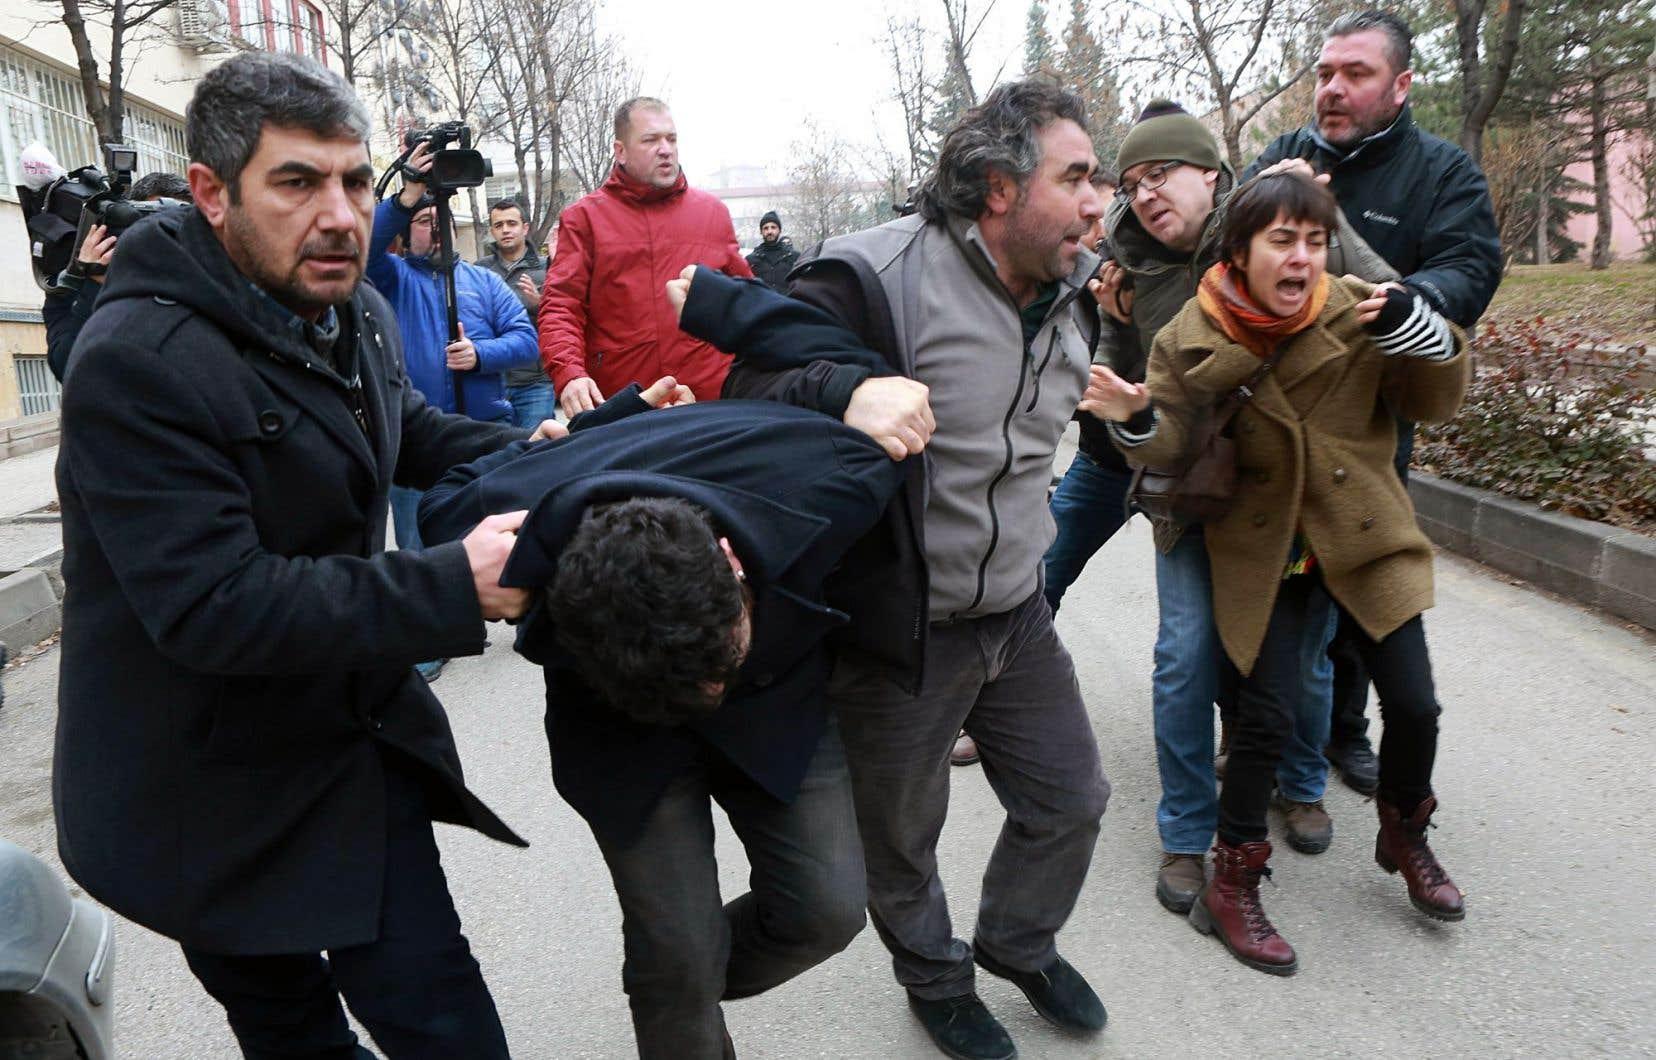 Près de 4500 fonctionnaires, dont de nombreux universitaires réputés, ont été limogés cette semaine. La police est intervenue vendredi contre des manifestants rassemblés à Ankara pour soutenir ces universitaires.